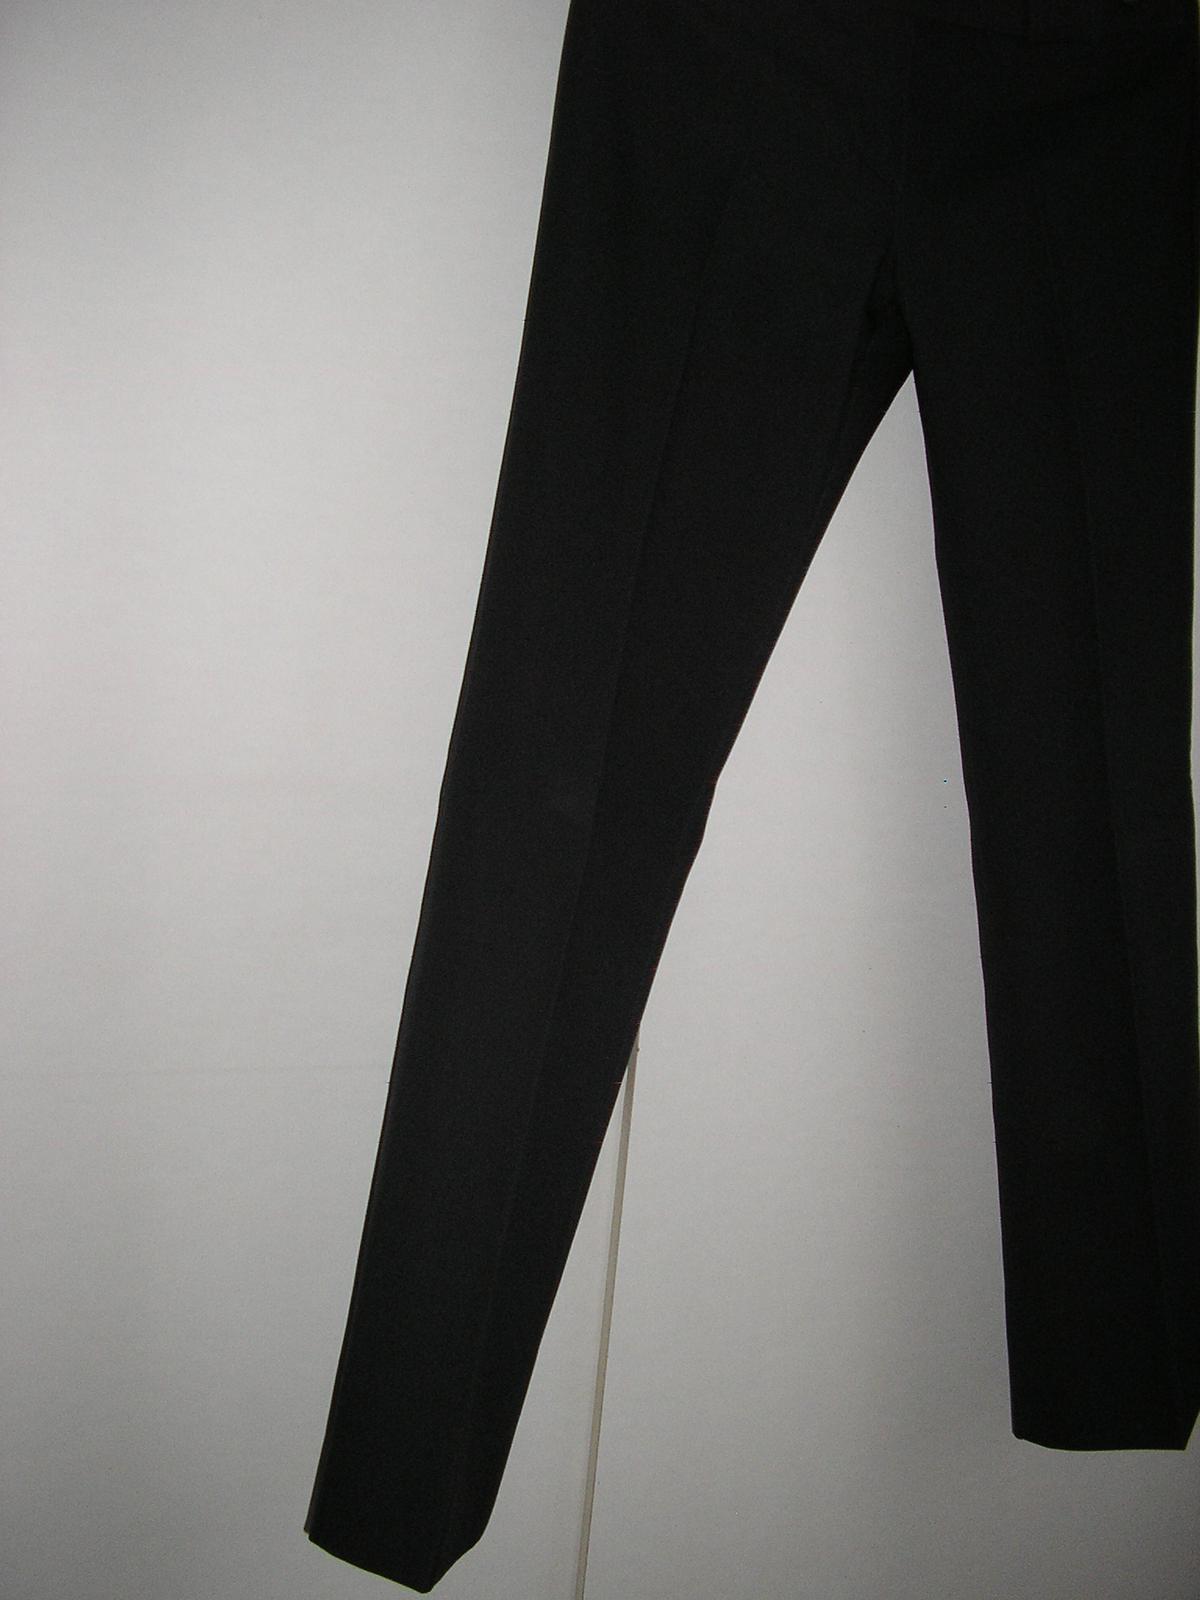 831. tm. sivé eleg. nohavice - Obrázok č. 1